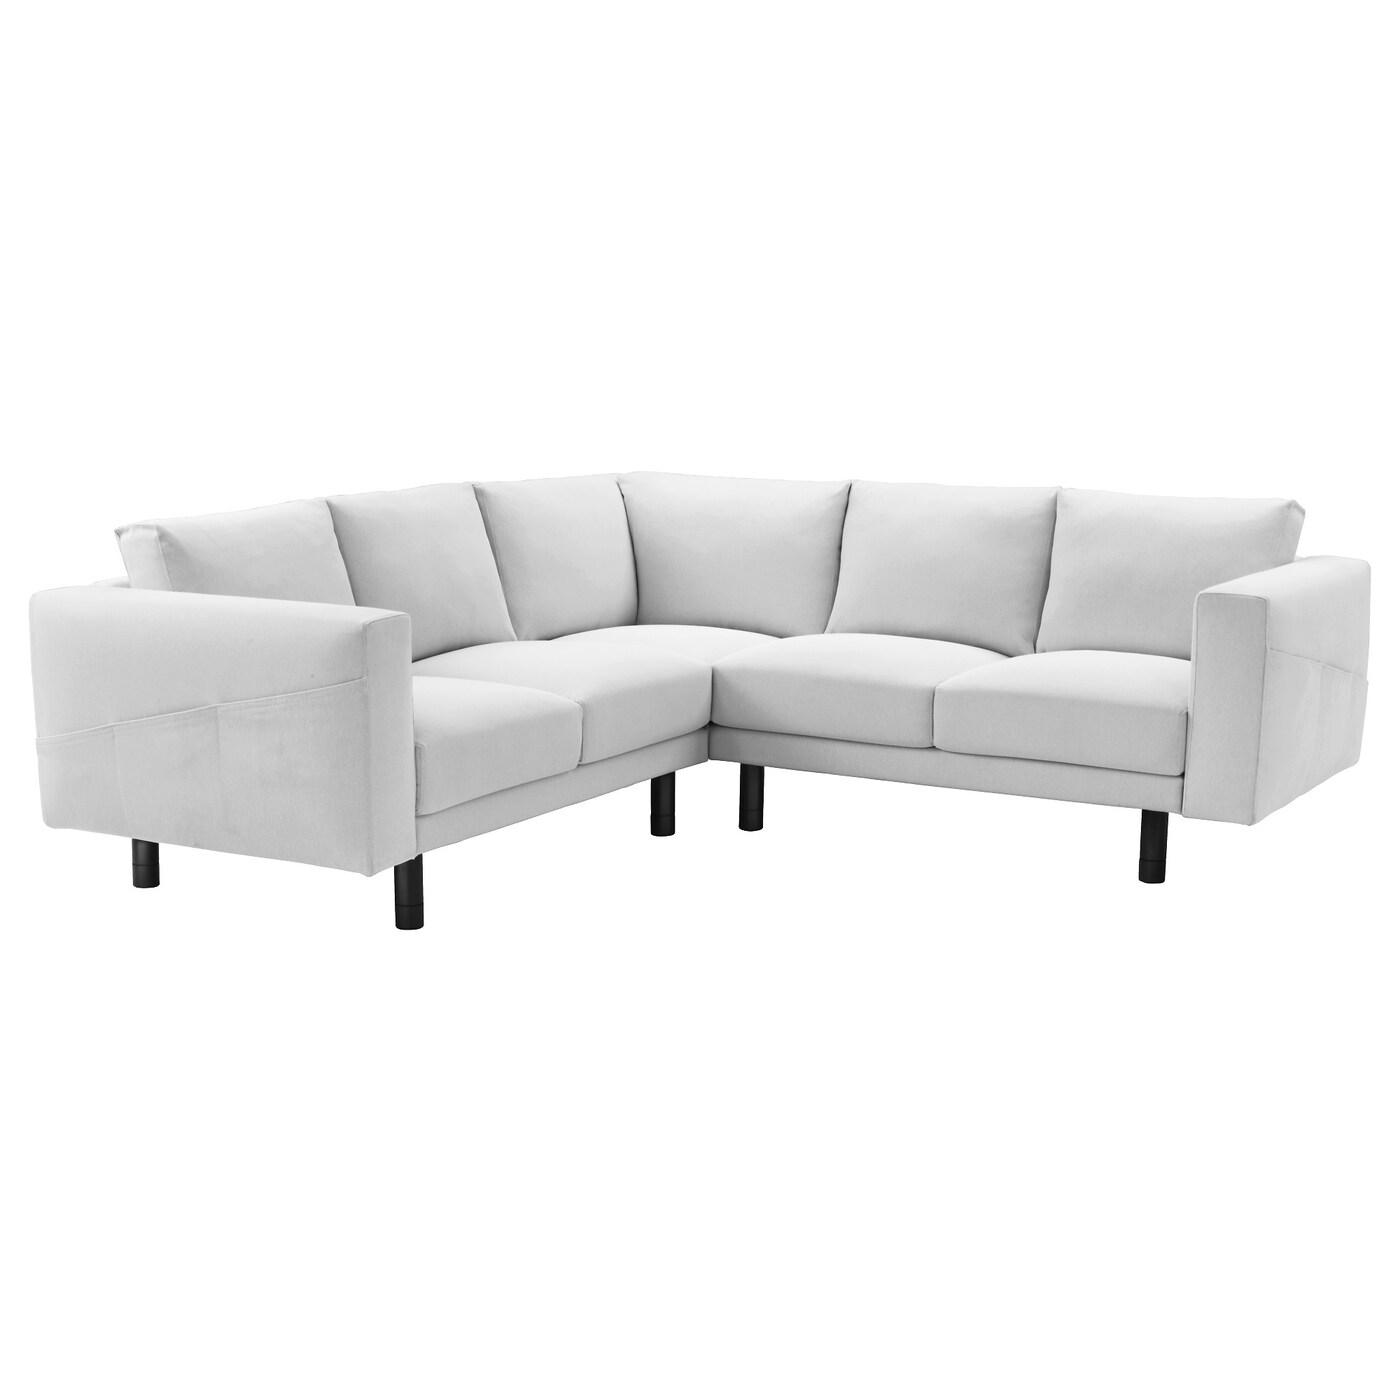 Norsborg Corner Sofa 2 2 Finnsta White Grey Ikea